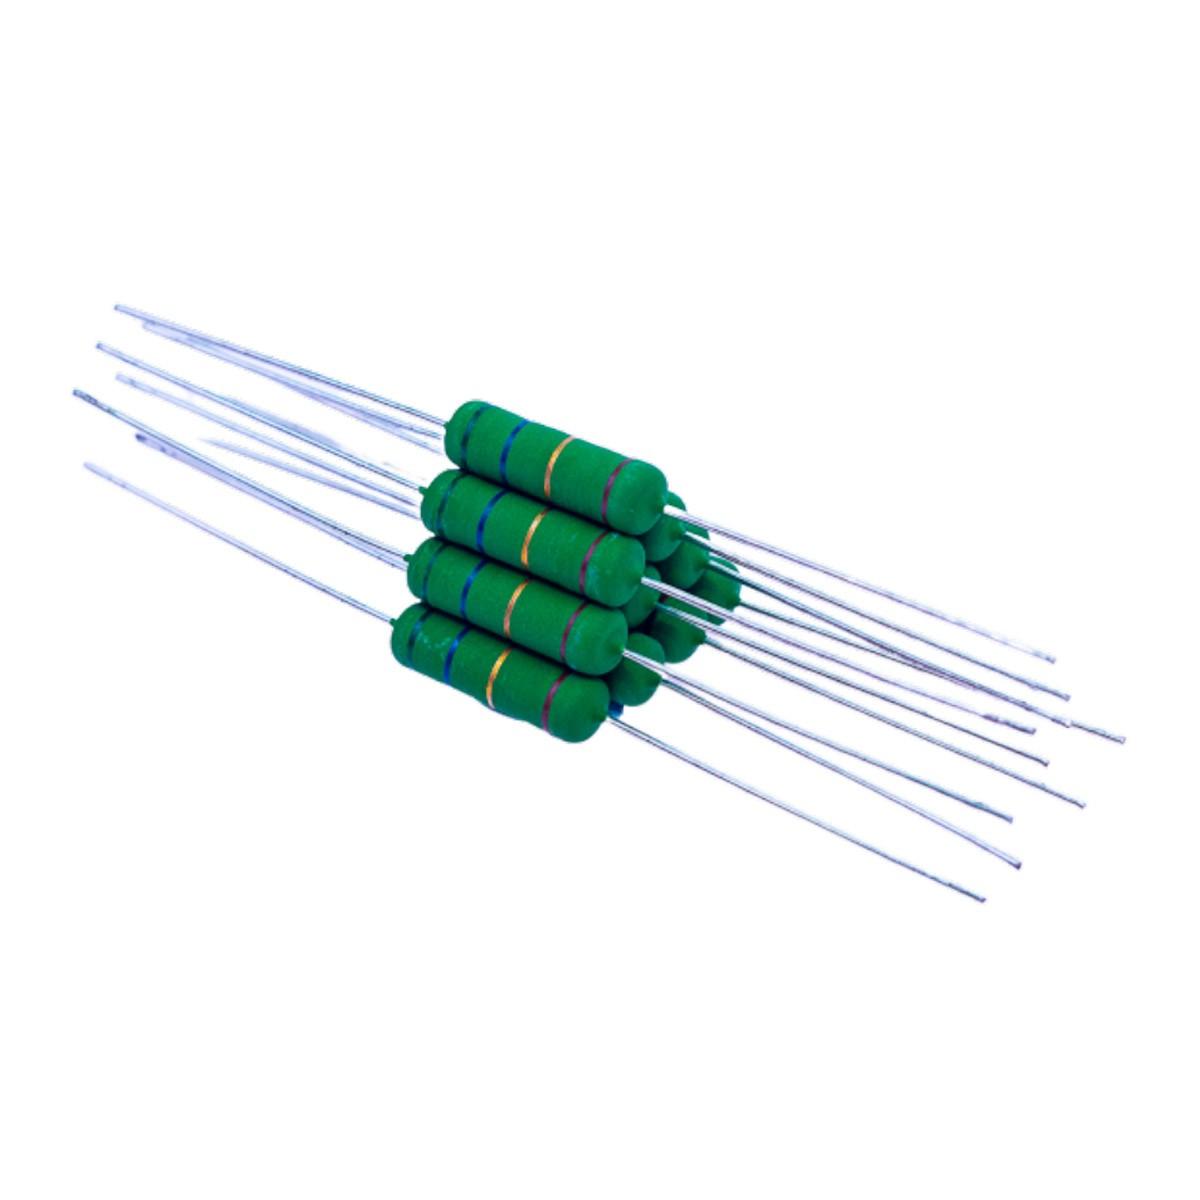 JANTZEN AUDIO SUPERES Resistor 5W 6.2 Ohm (Unit)